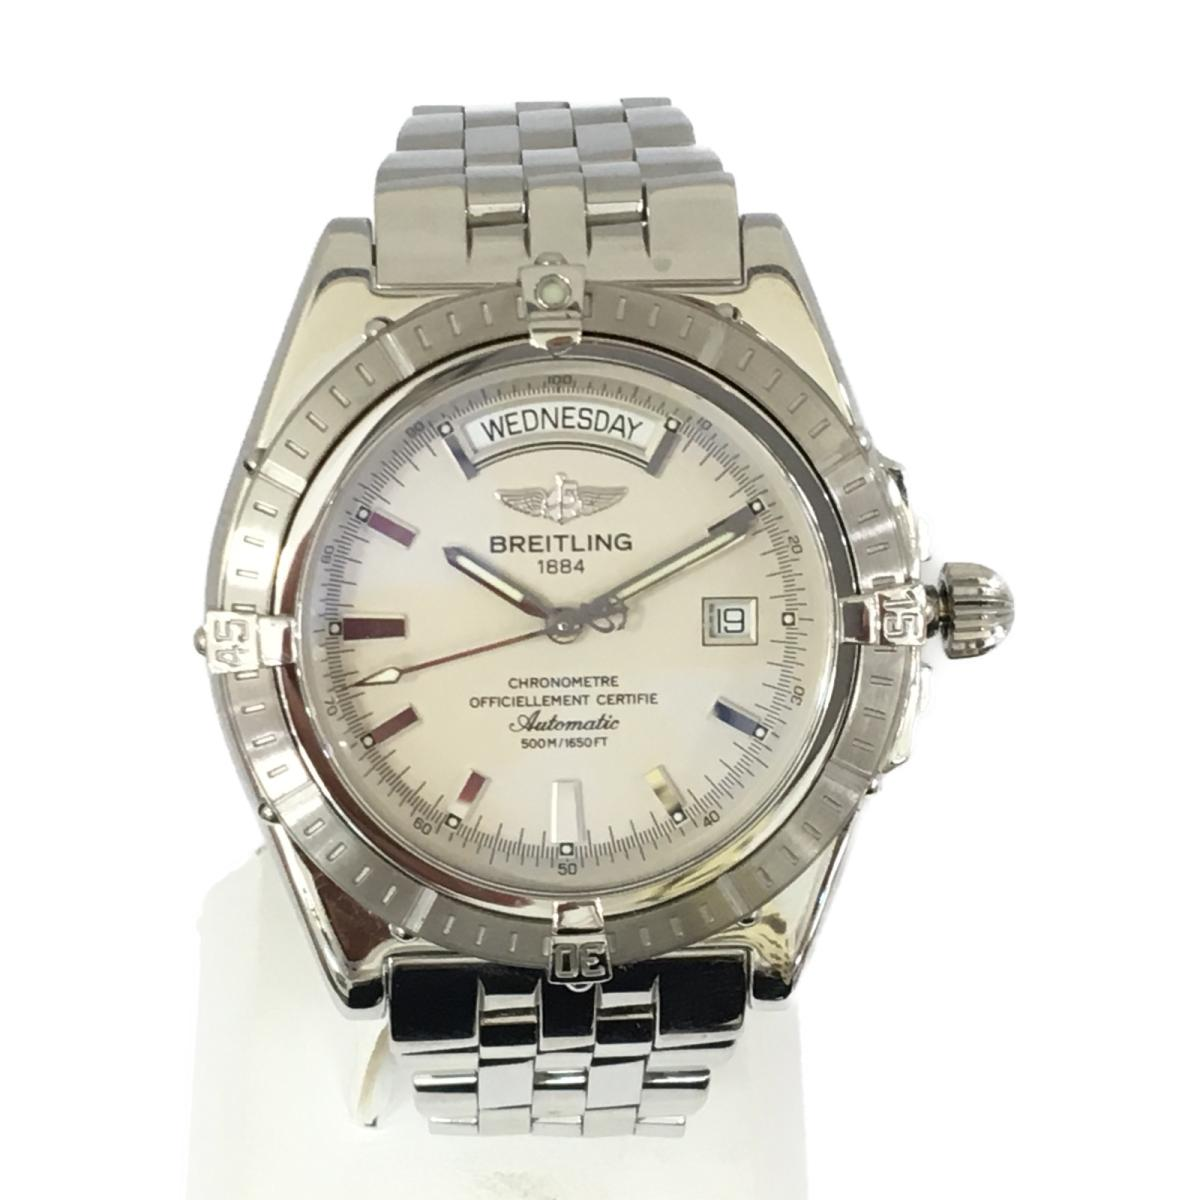 【中古】 ブライトリング ヘッドウインド 腕時計 ウォッチ メンズ ステンレススチール (SS) (A45355)   BREITLING オートマチック 自動巻き 時計 ヘッドウインド 美品 ブランドオフ